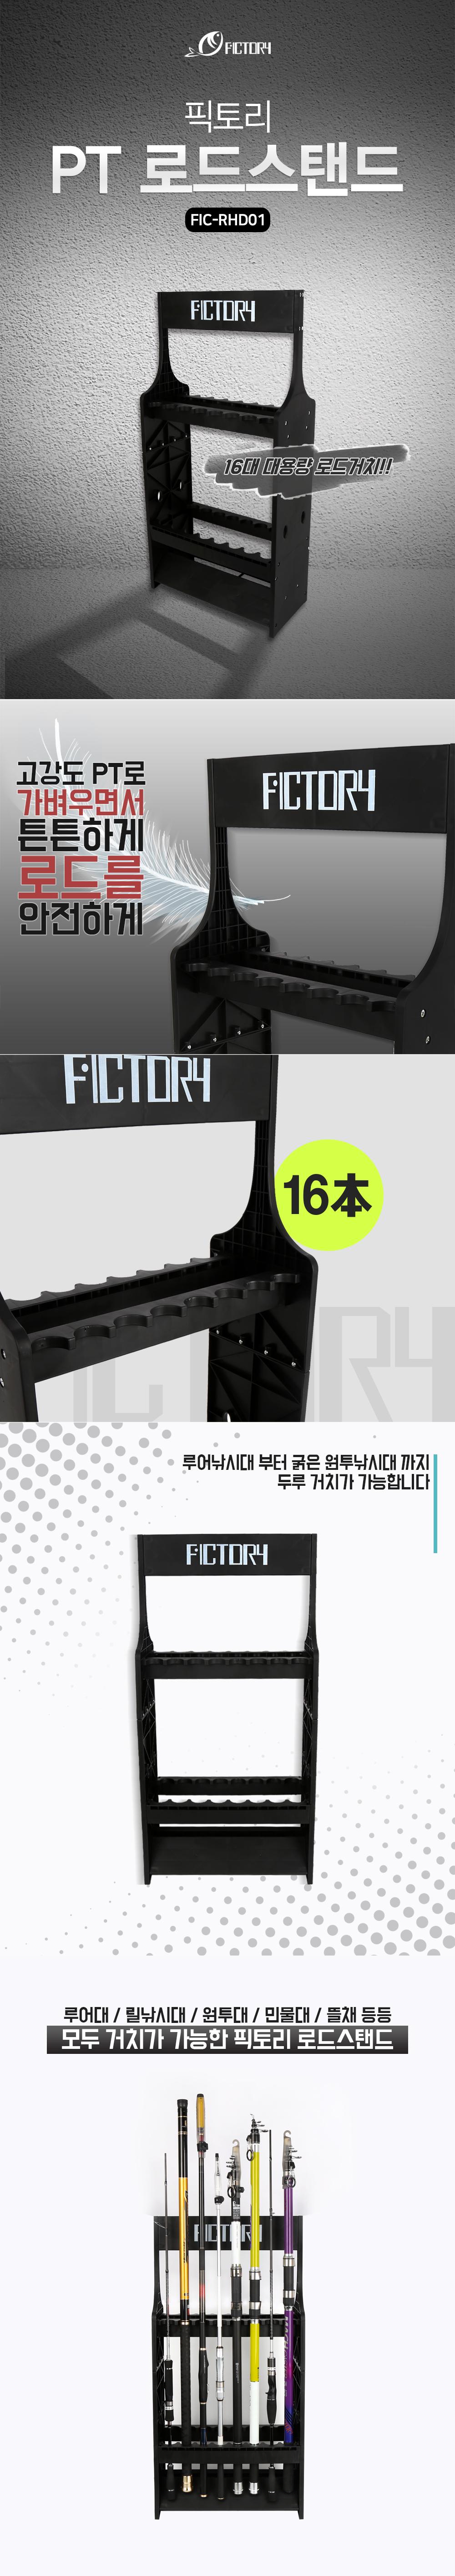 픽토리 PT 로드 스탠드 FIC-RHD01 낚시대거치대 낚시대다이 낚시대스탠드 루어대스탠드 로드스탠드 낚시대진열대 루어대진열대